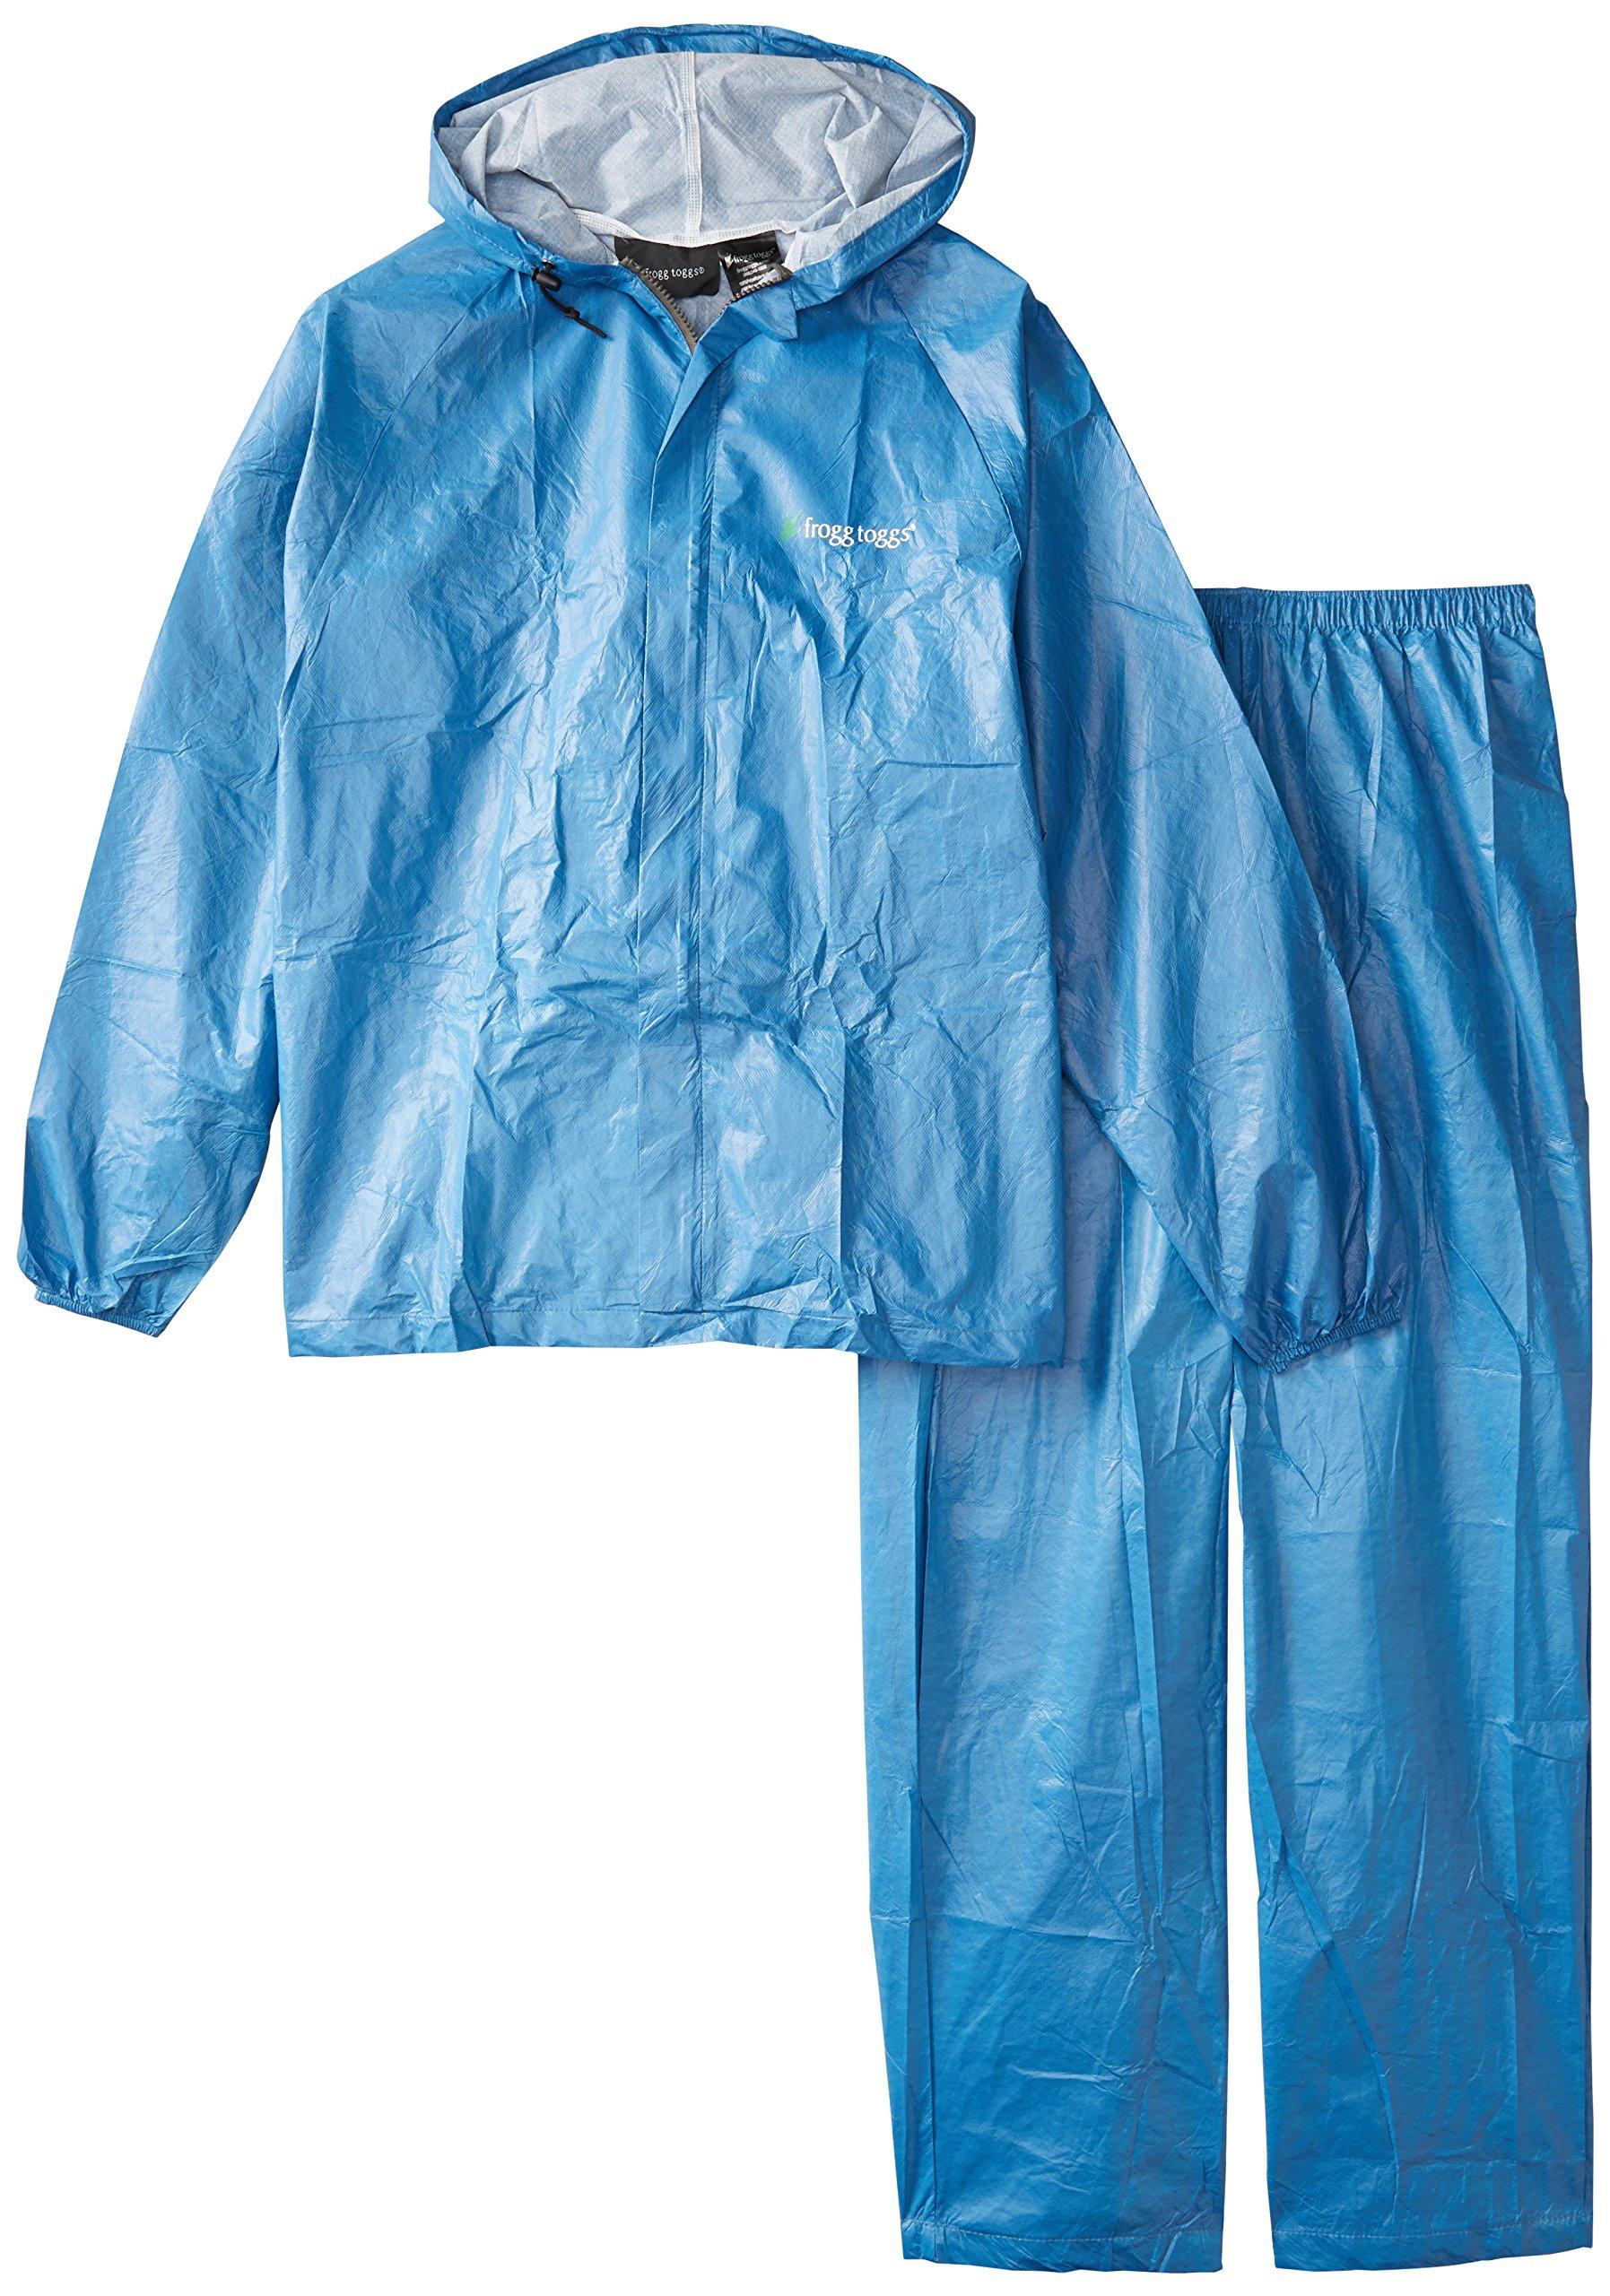 Men's Golf Rain Jacket Waterproof: Amazon.com